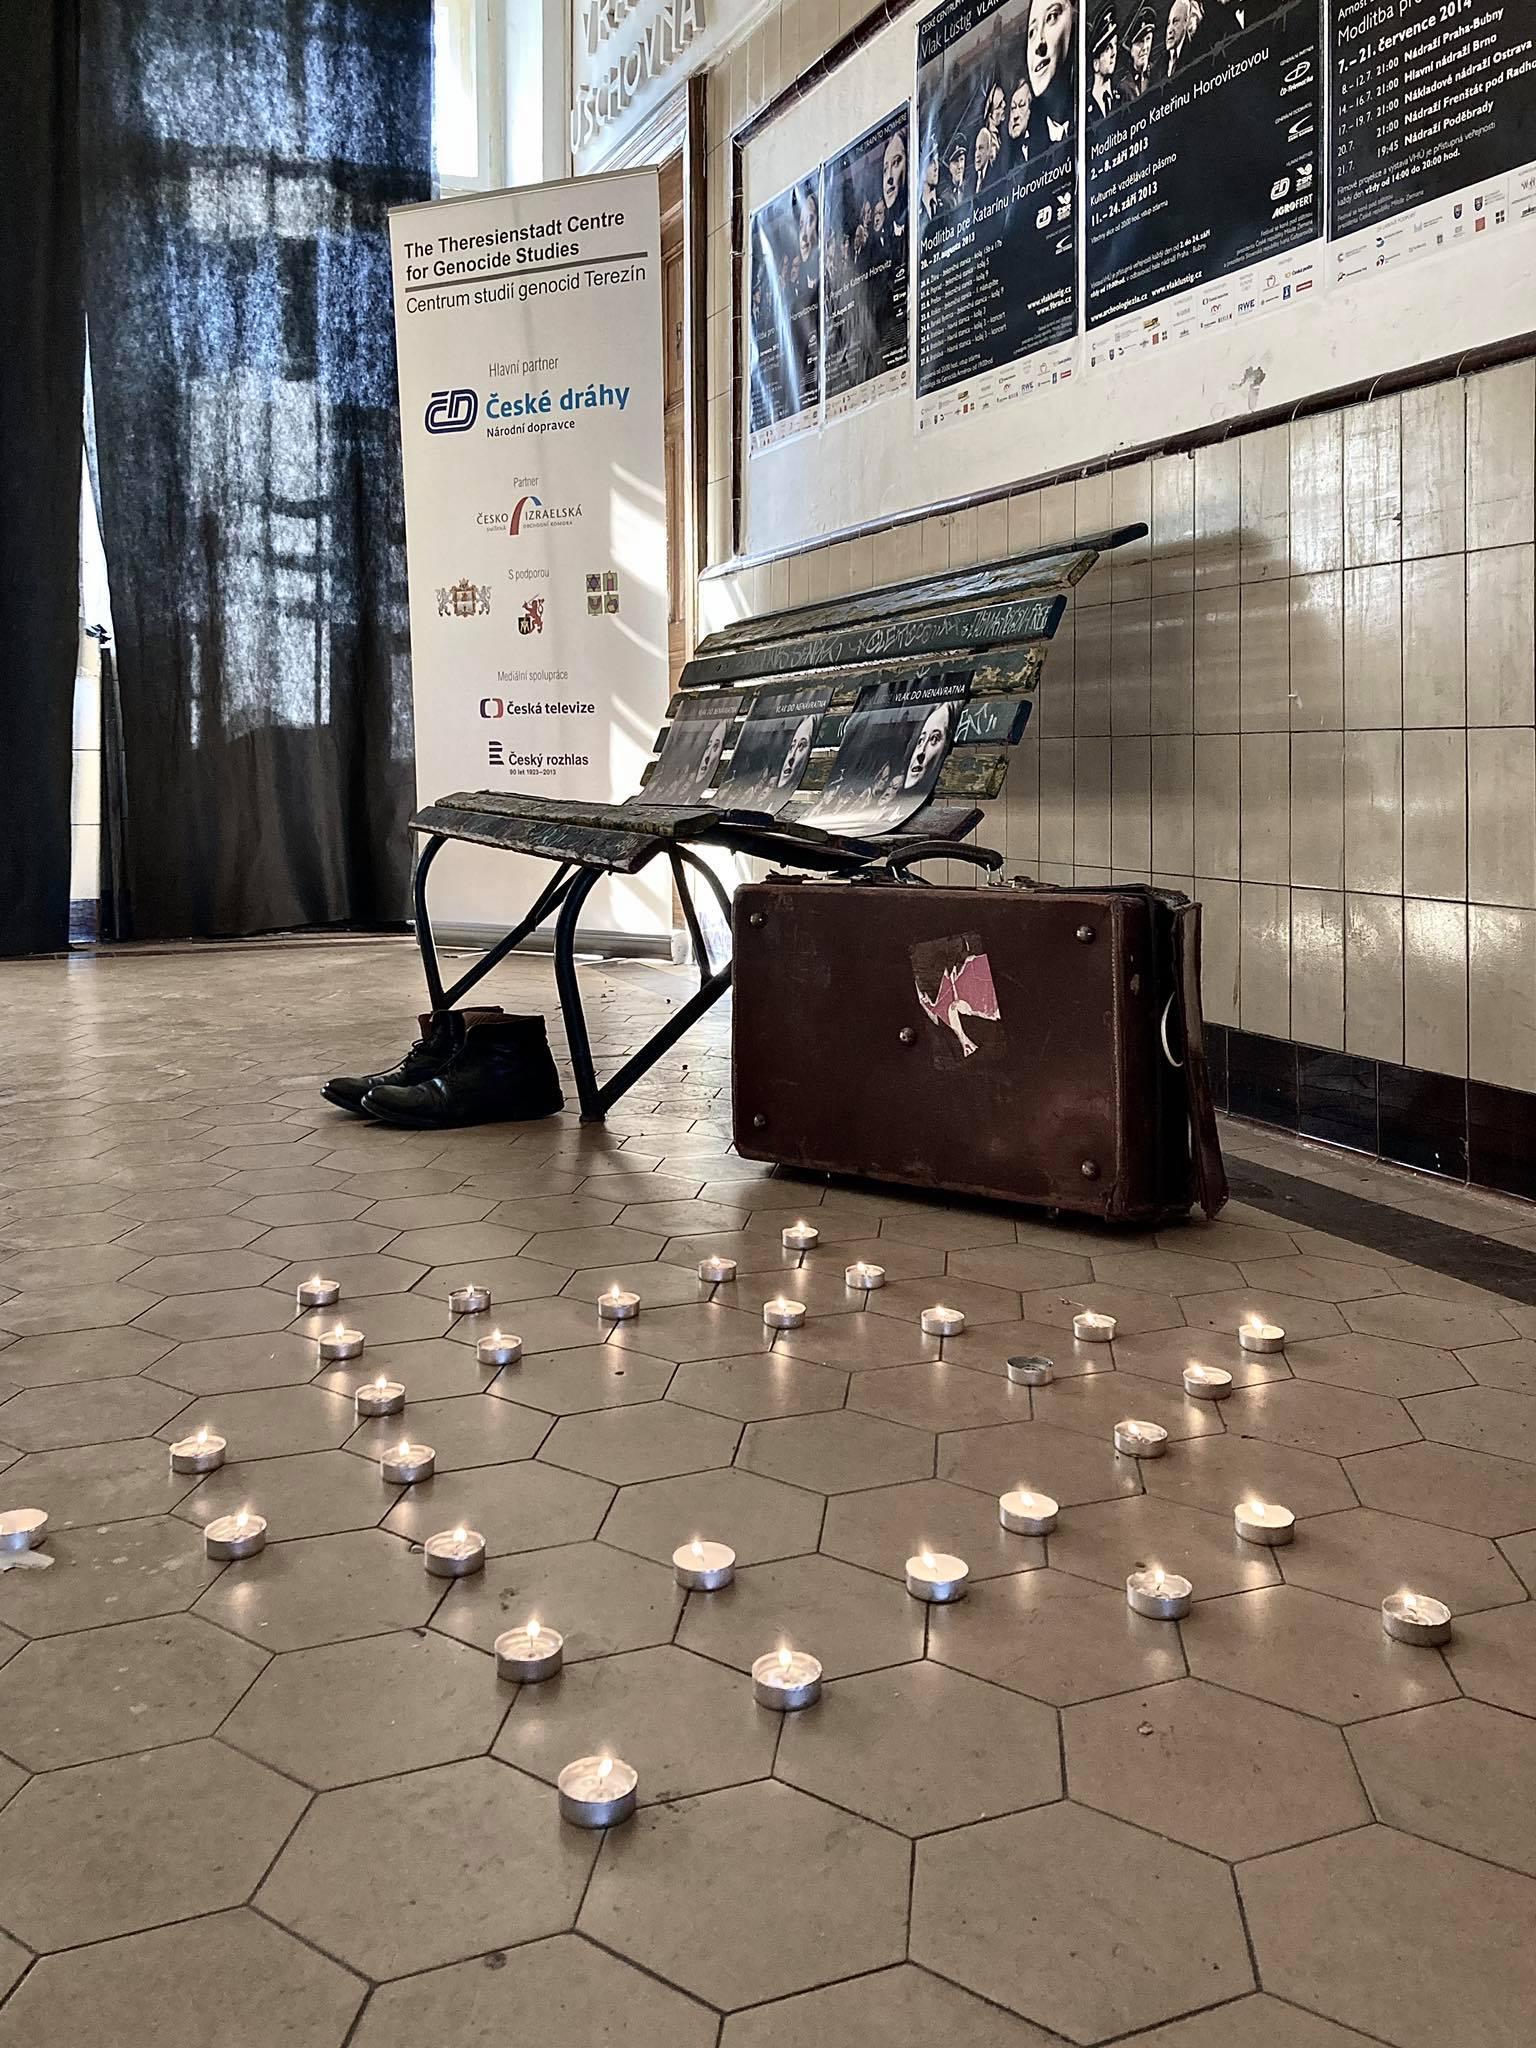 Výročí-8-let-od-zahájení-projektu-Vlaku-Lustig-na-nádraží-Praha-Bubny-14.07.2020-6